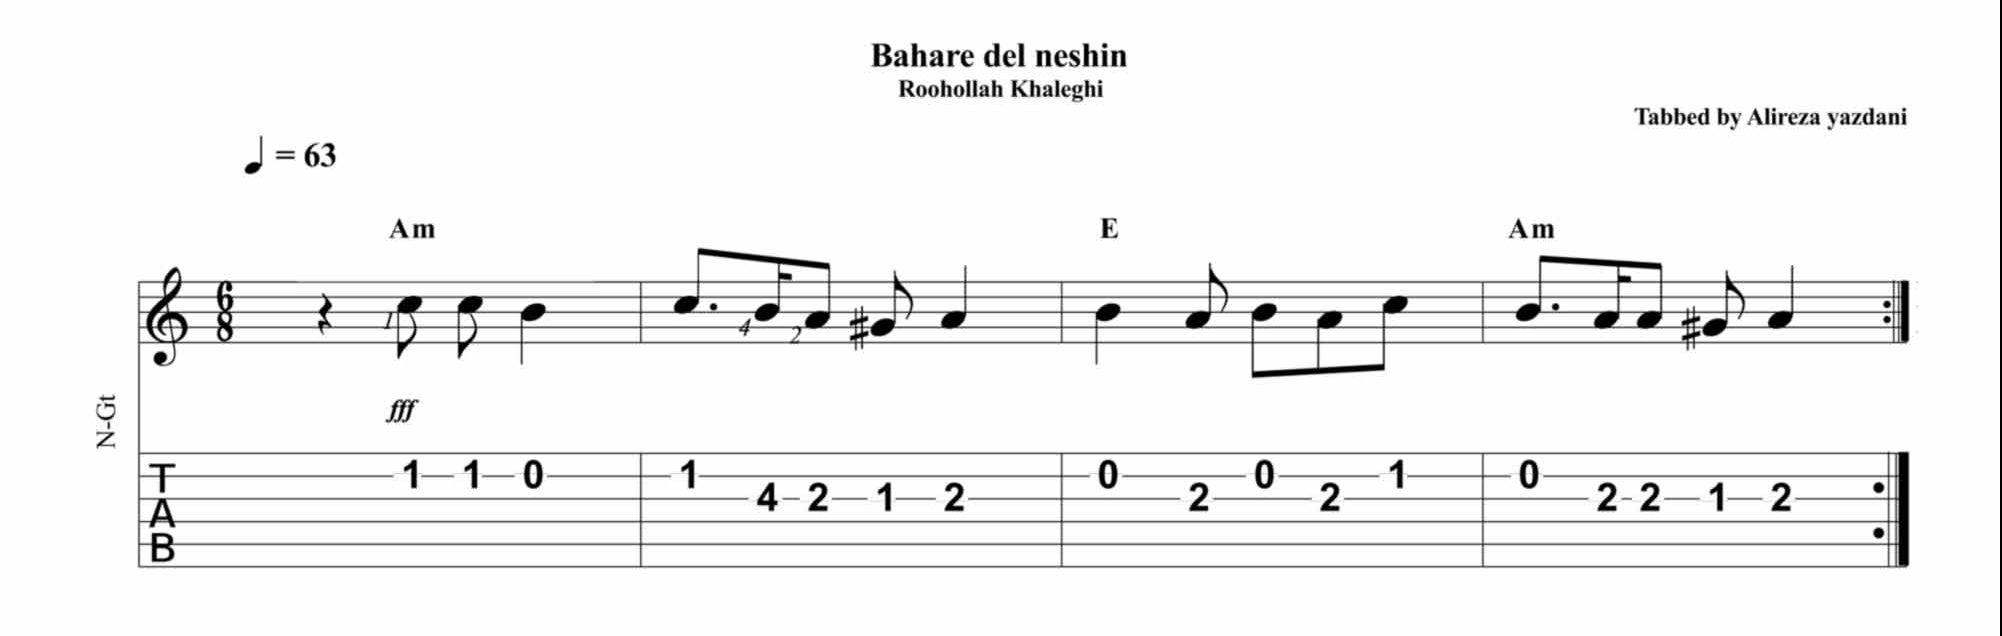 نت و تبلچر بهار دلنشین برای گیتار